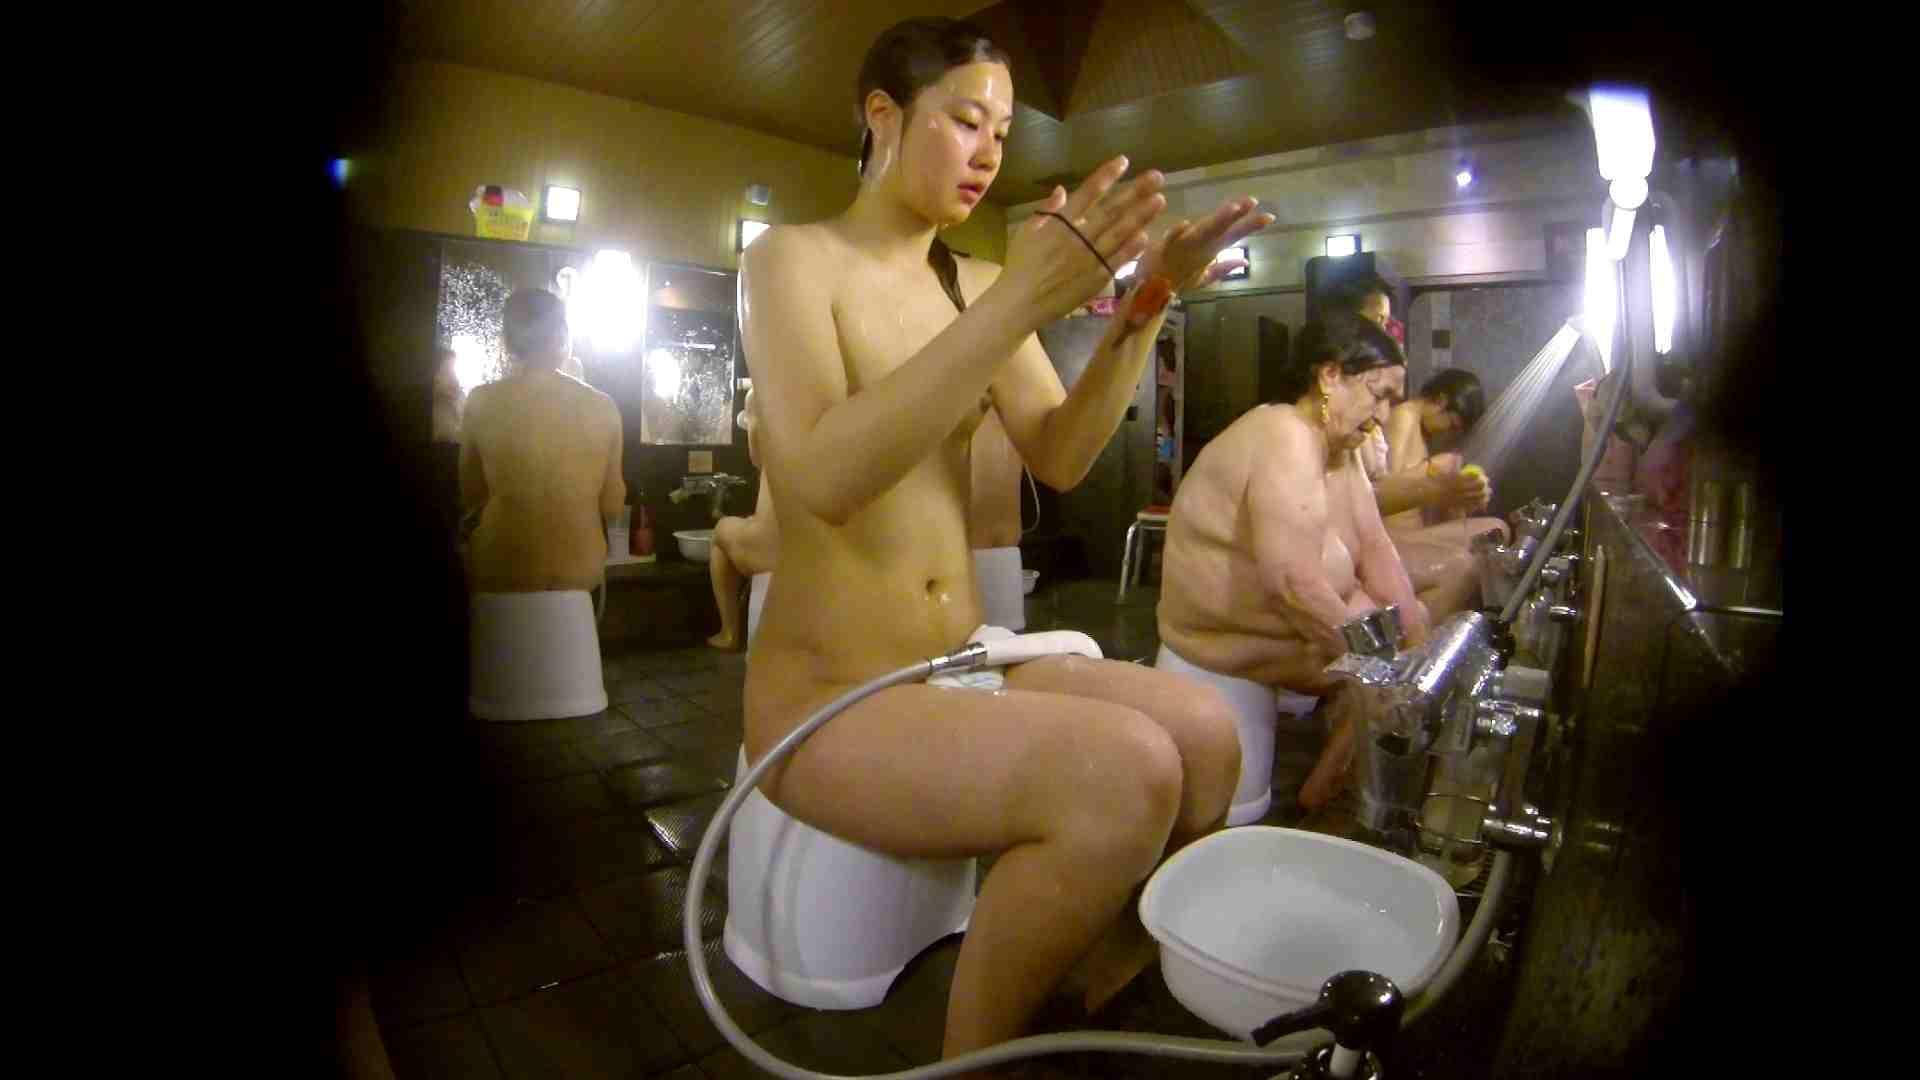 追い撮り!脱衣~洗い場、徹底追跡!撮り師さんに拍手!! 銭湯 覗きぱこり動画紹介 20pic 8